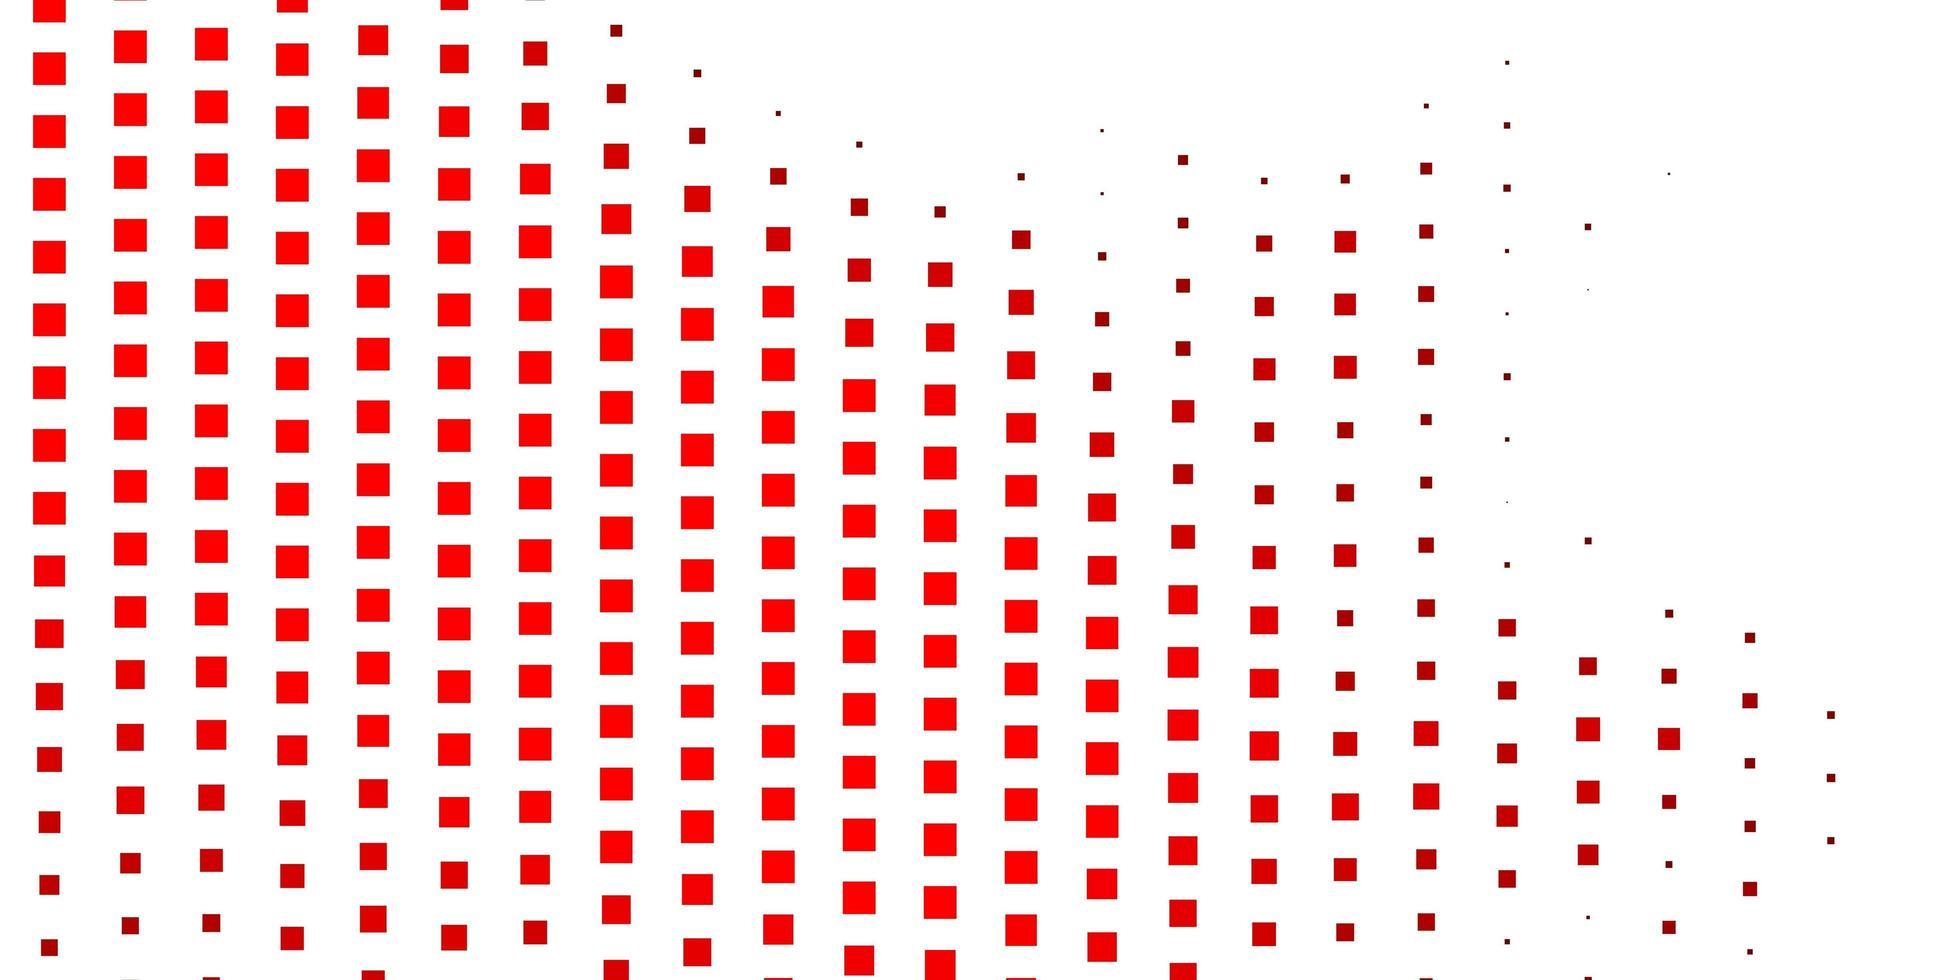 rotes Layout mit Rechtecken. vektor